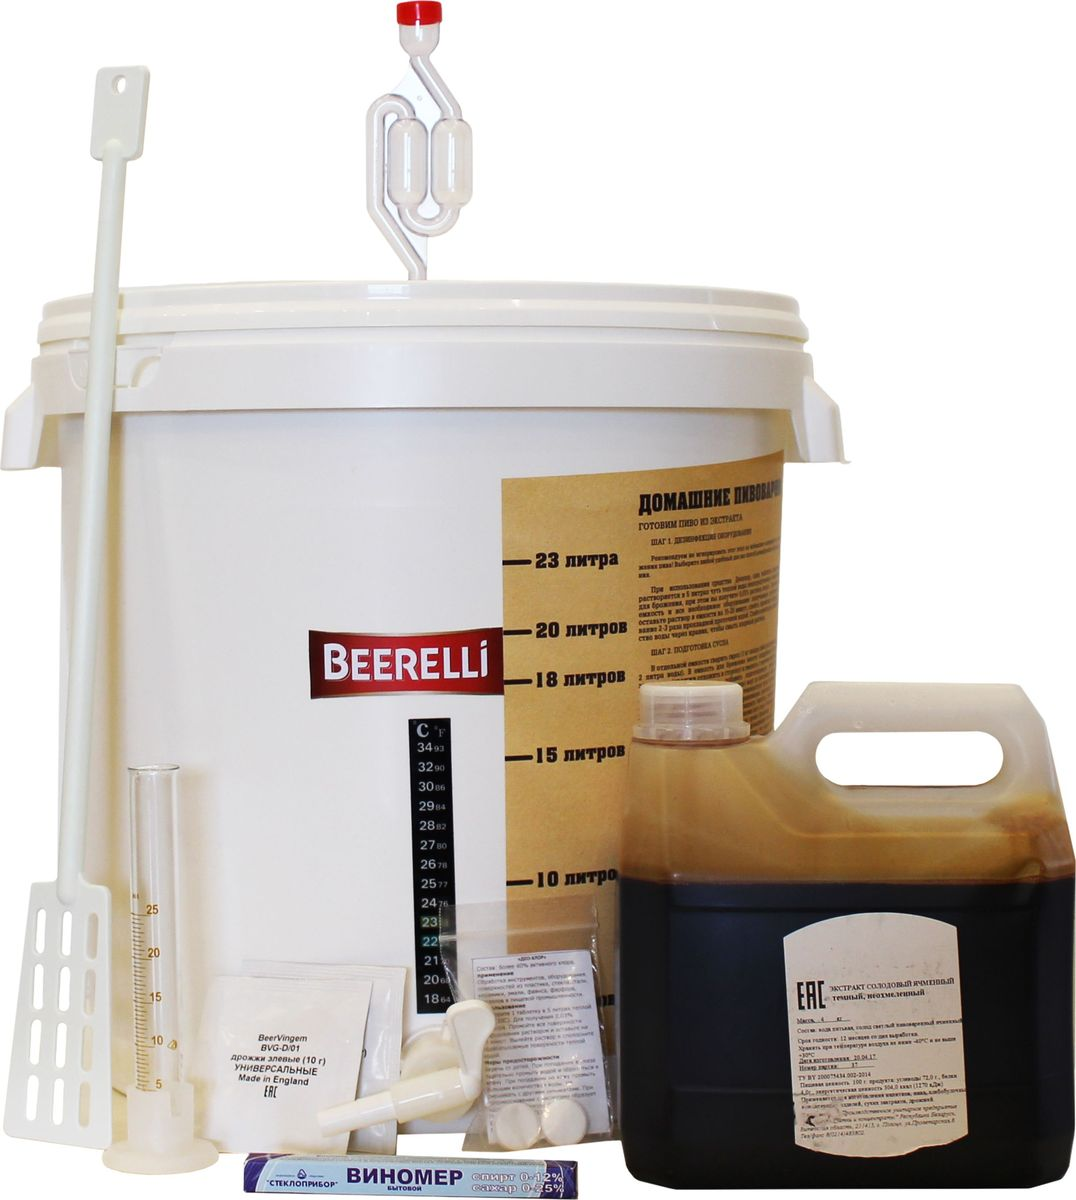 Beerelli Набор Мини-пивоварня из 10 предметов, 4 кгУТ000001886Мини-пивоварня Бирелли - выгодное решение для домашнего пивоварения. Комплектация: ЖК термометр, ёмкость для брожения объемом 30 л, краник D25, ложка-мешалка пластиковая 25 см, гидрозатвор с уплотнительной пробкой, виномер-сахорамер, цилиндр 25 мл, таблетки для дезинфекции Део-Хлор, дополнительный комплект и экстракт солодово ячменный светлый охмеленный 4 кг.